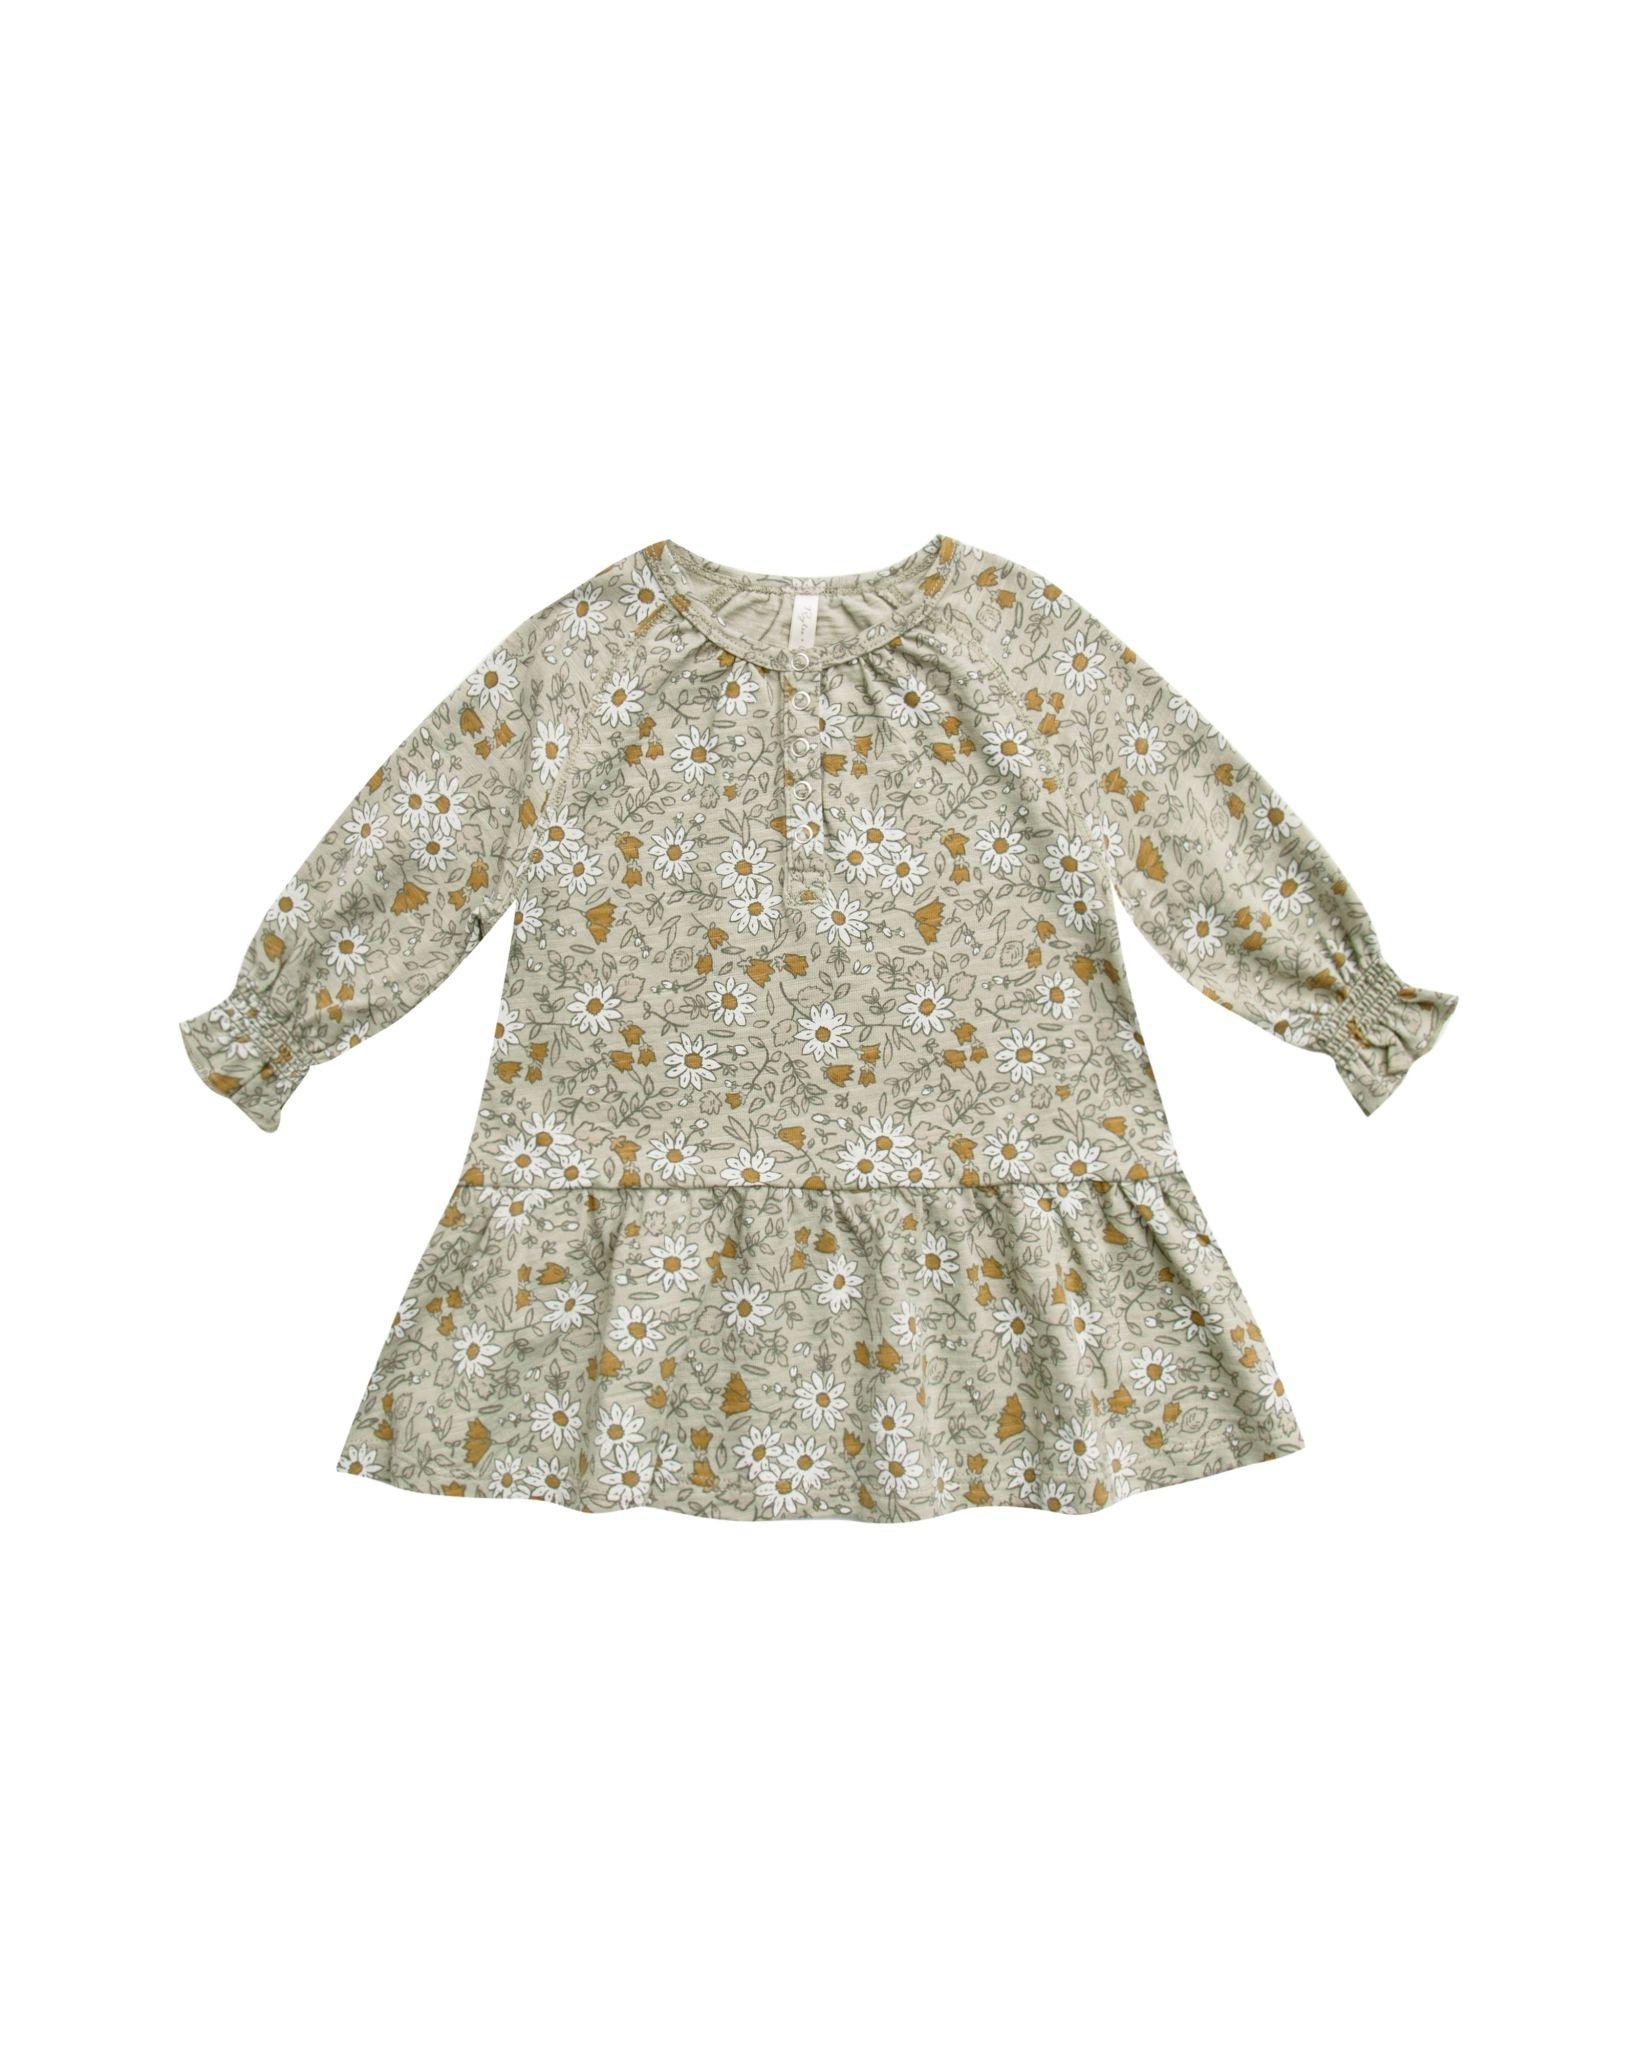 Rylee & Cru Swing Dress - Wildflowers